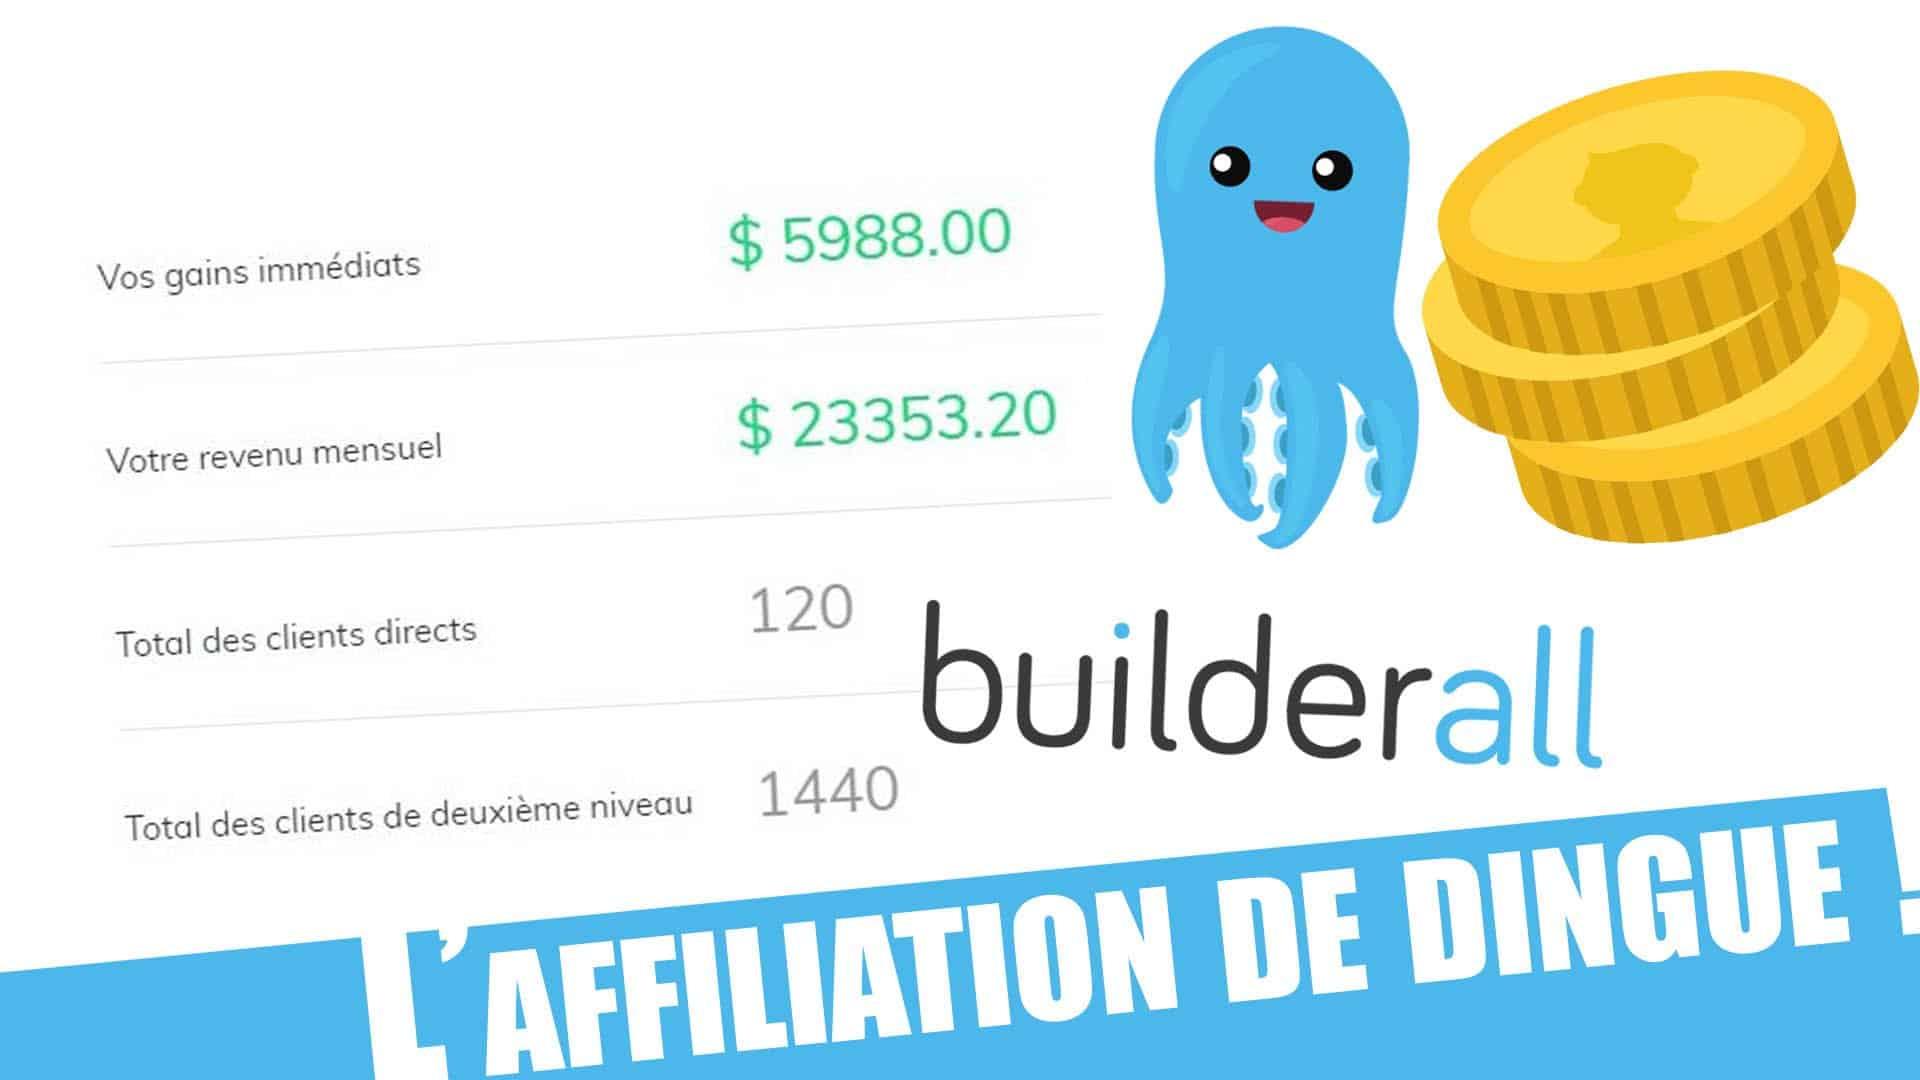 L'affiliation de builderall est une occasion incroyable, rejoignez builderall france avec ces résultats !